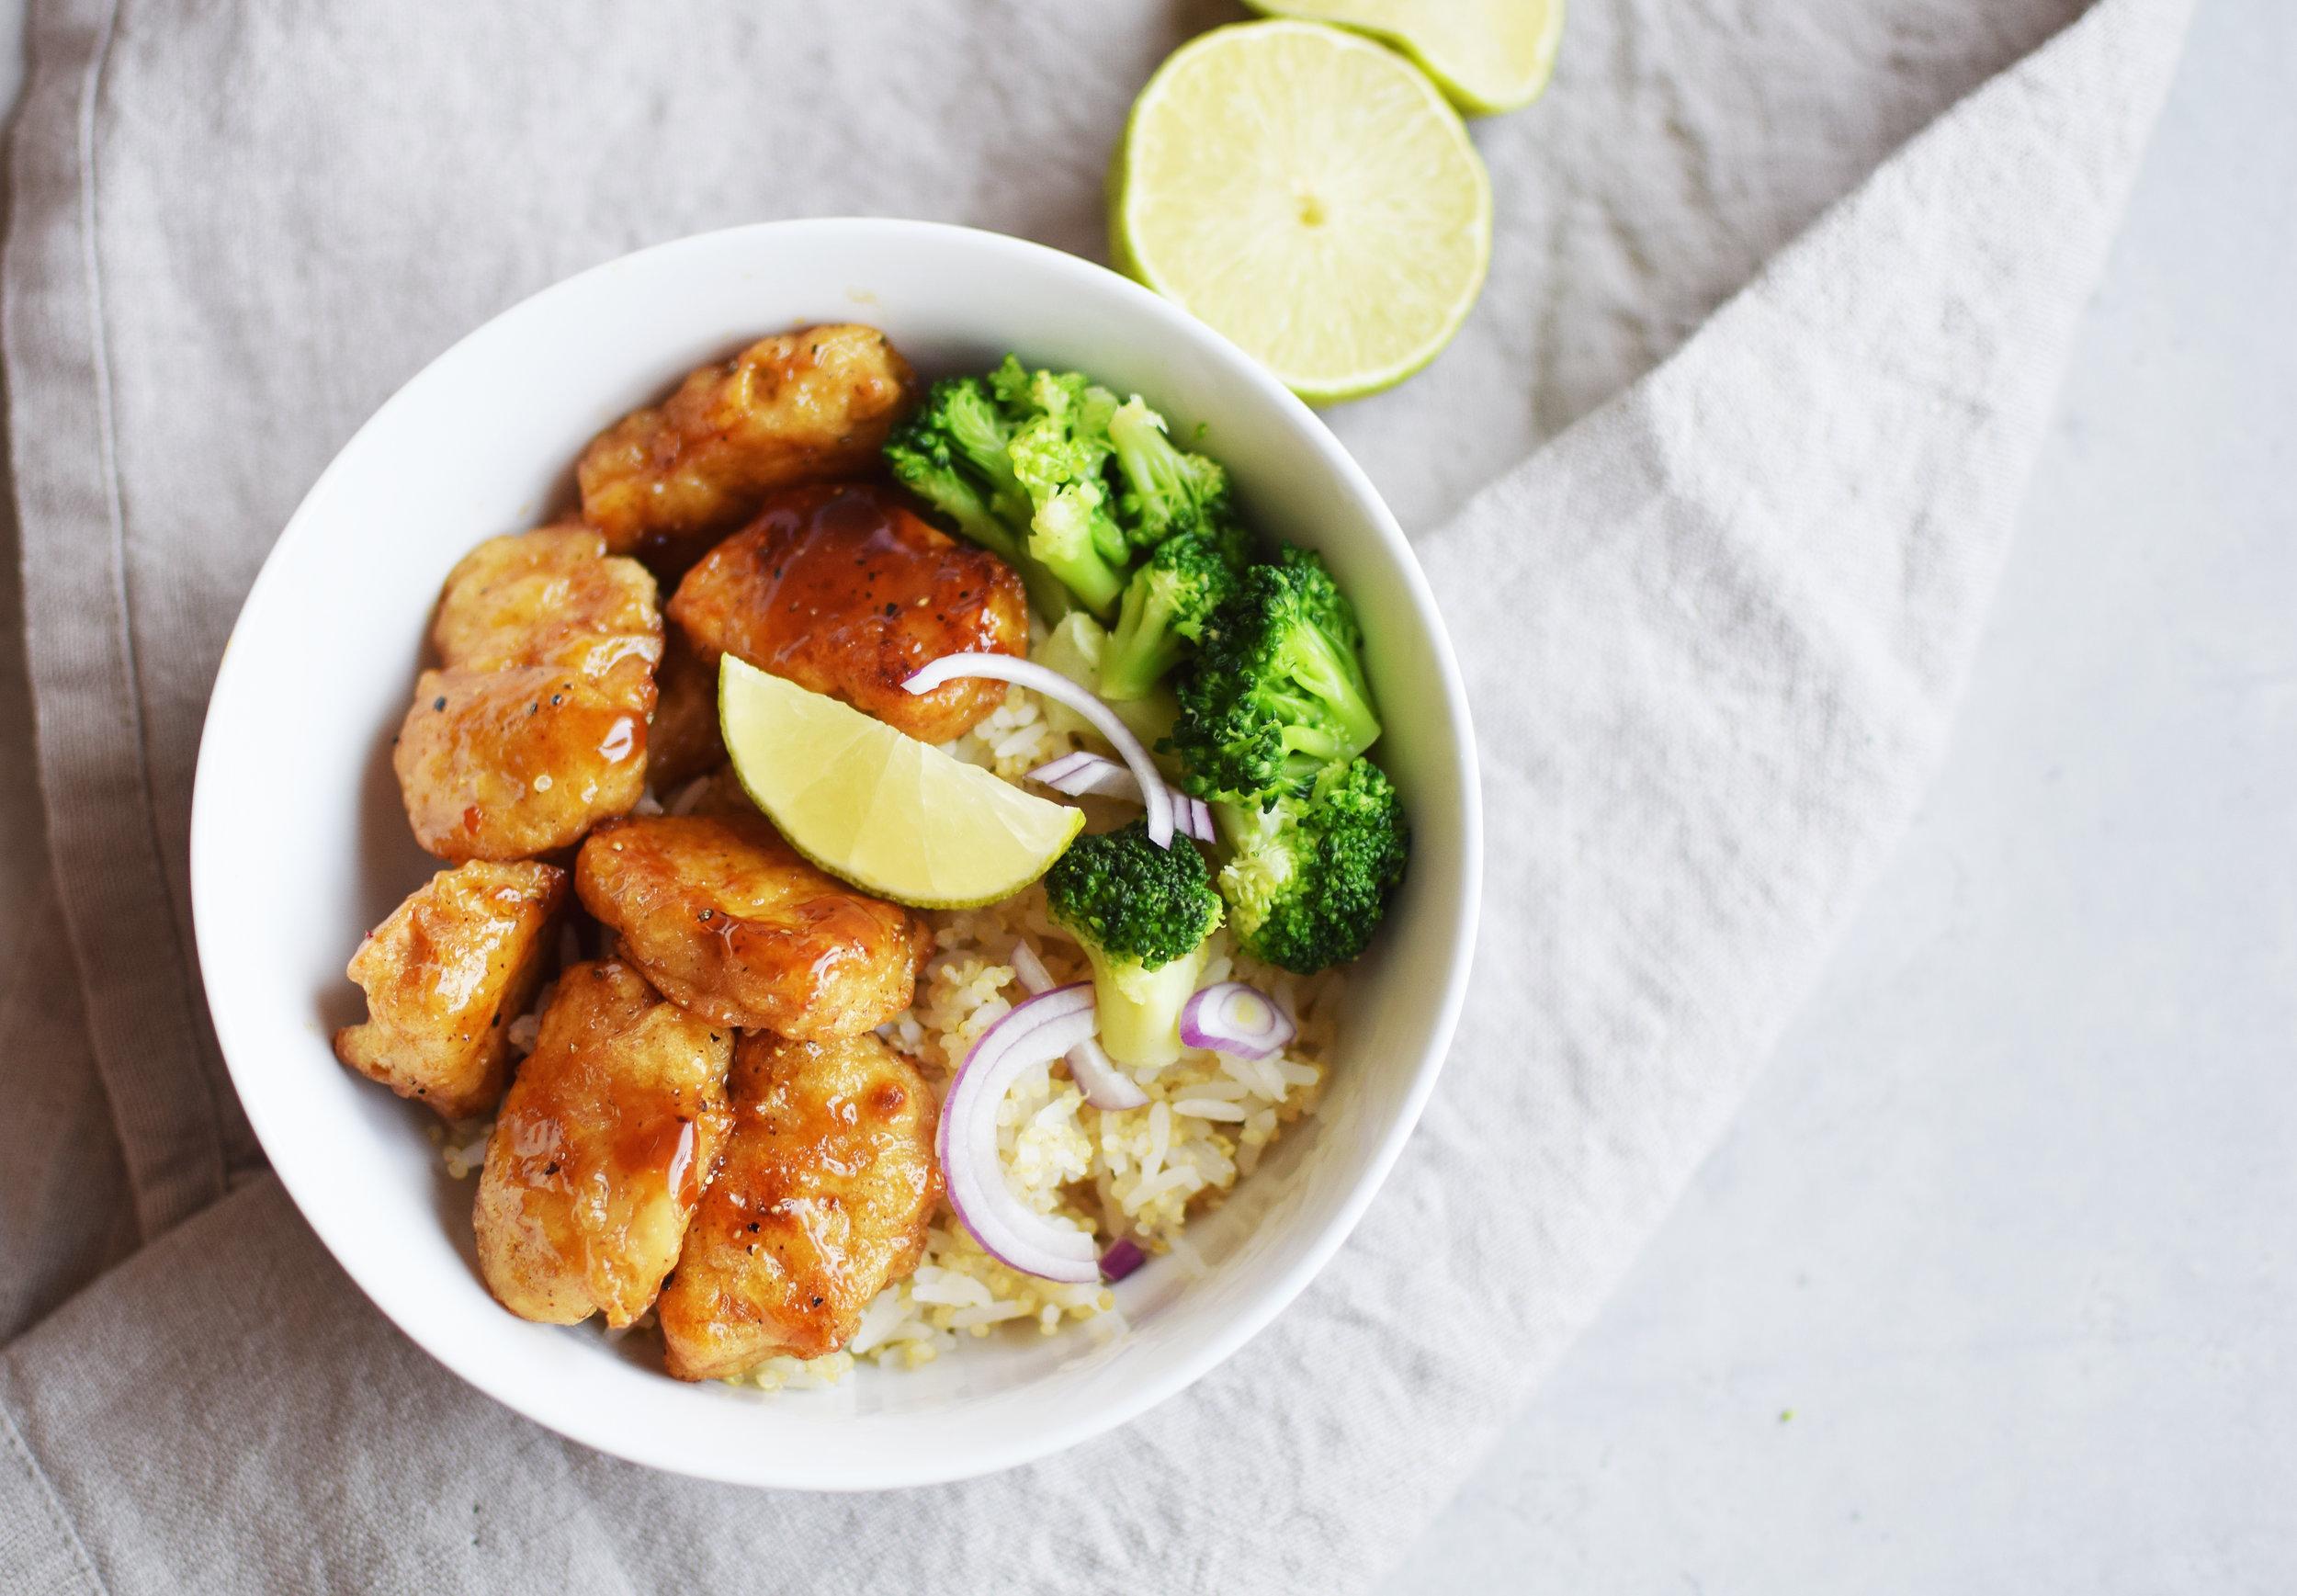 Gardein Mandarin Orange Crispy Chick'n här serverad med en blandning av kokt jasminris/vit quinoa, broccoli och rödlök.